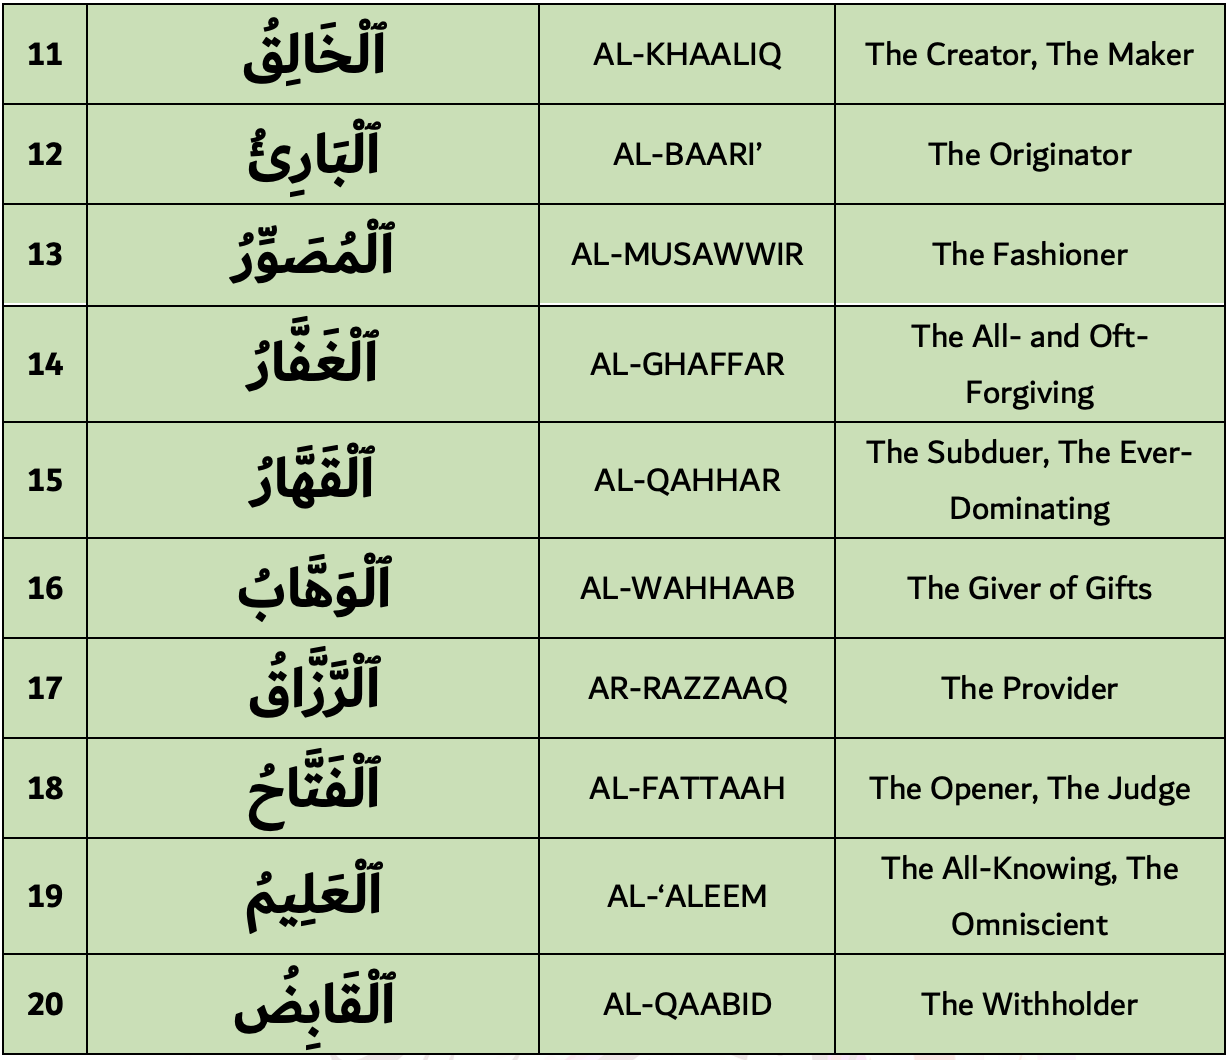 99 Names of Allah 11-20